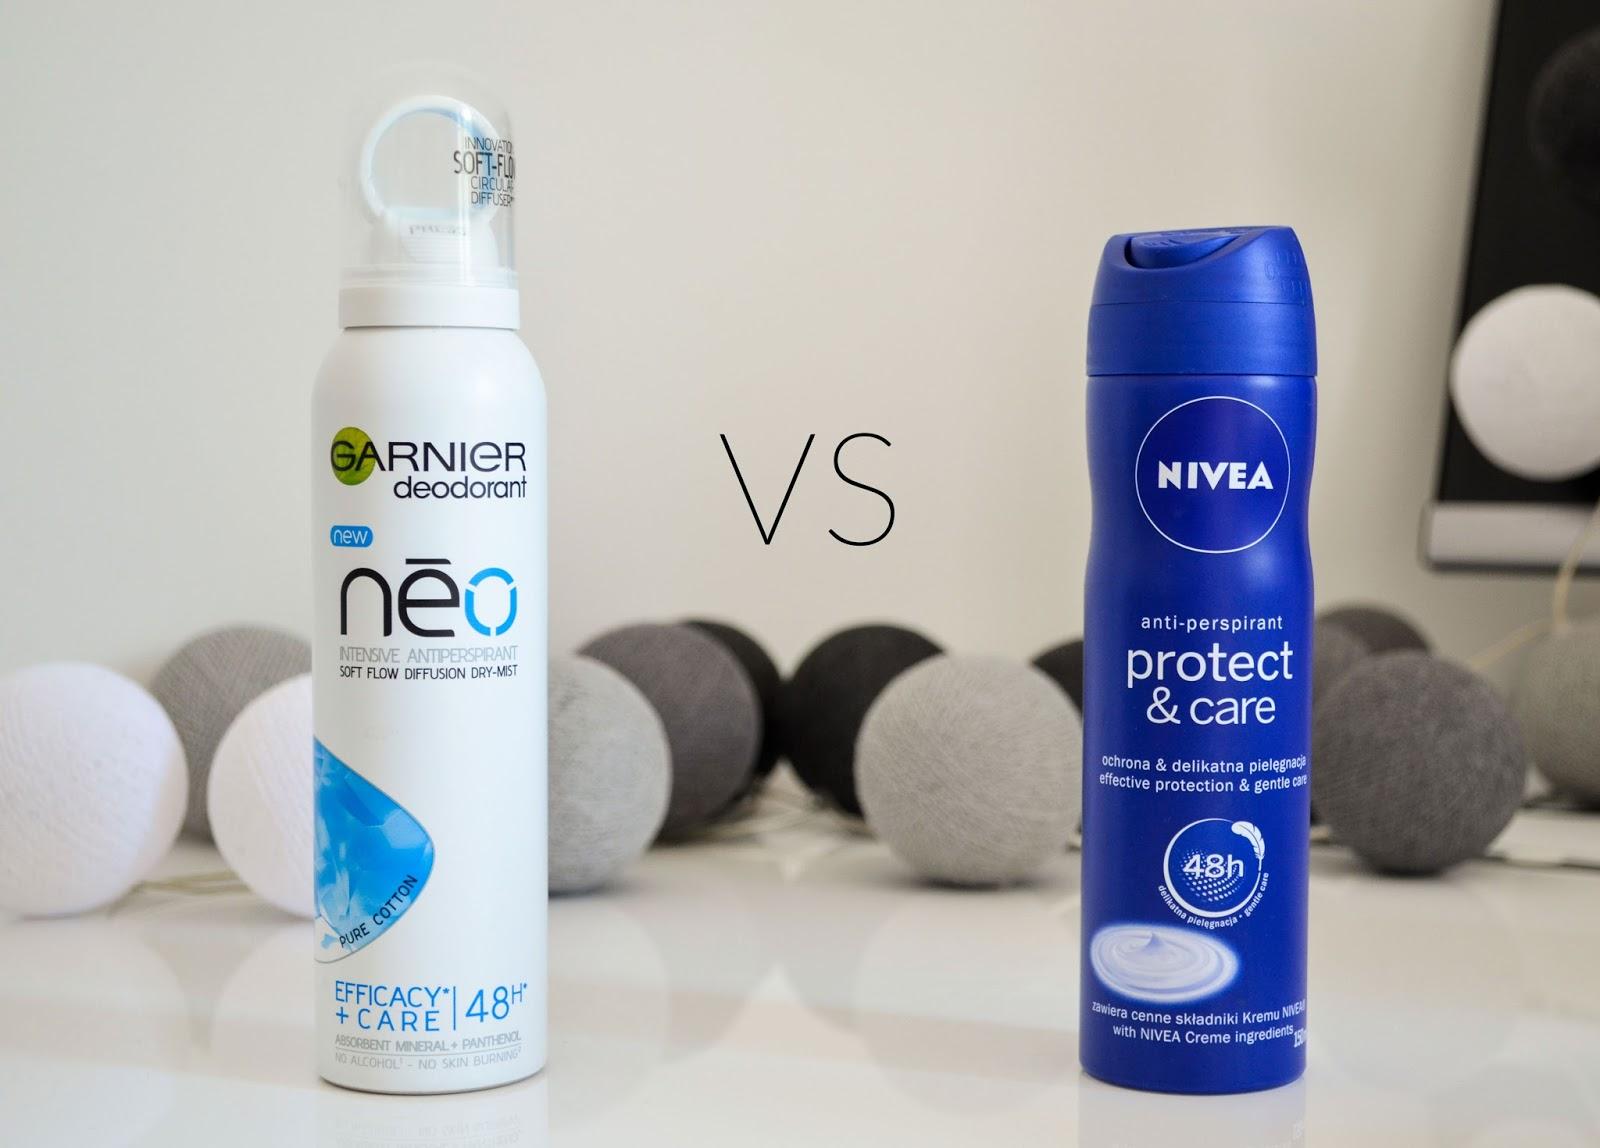 Nivea Protectcare Vs Garnier Neo Dry Mist Porównanie